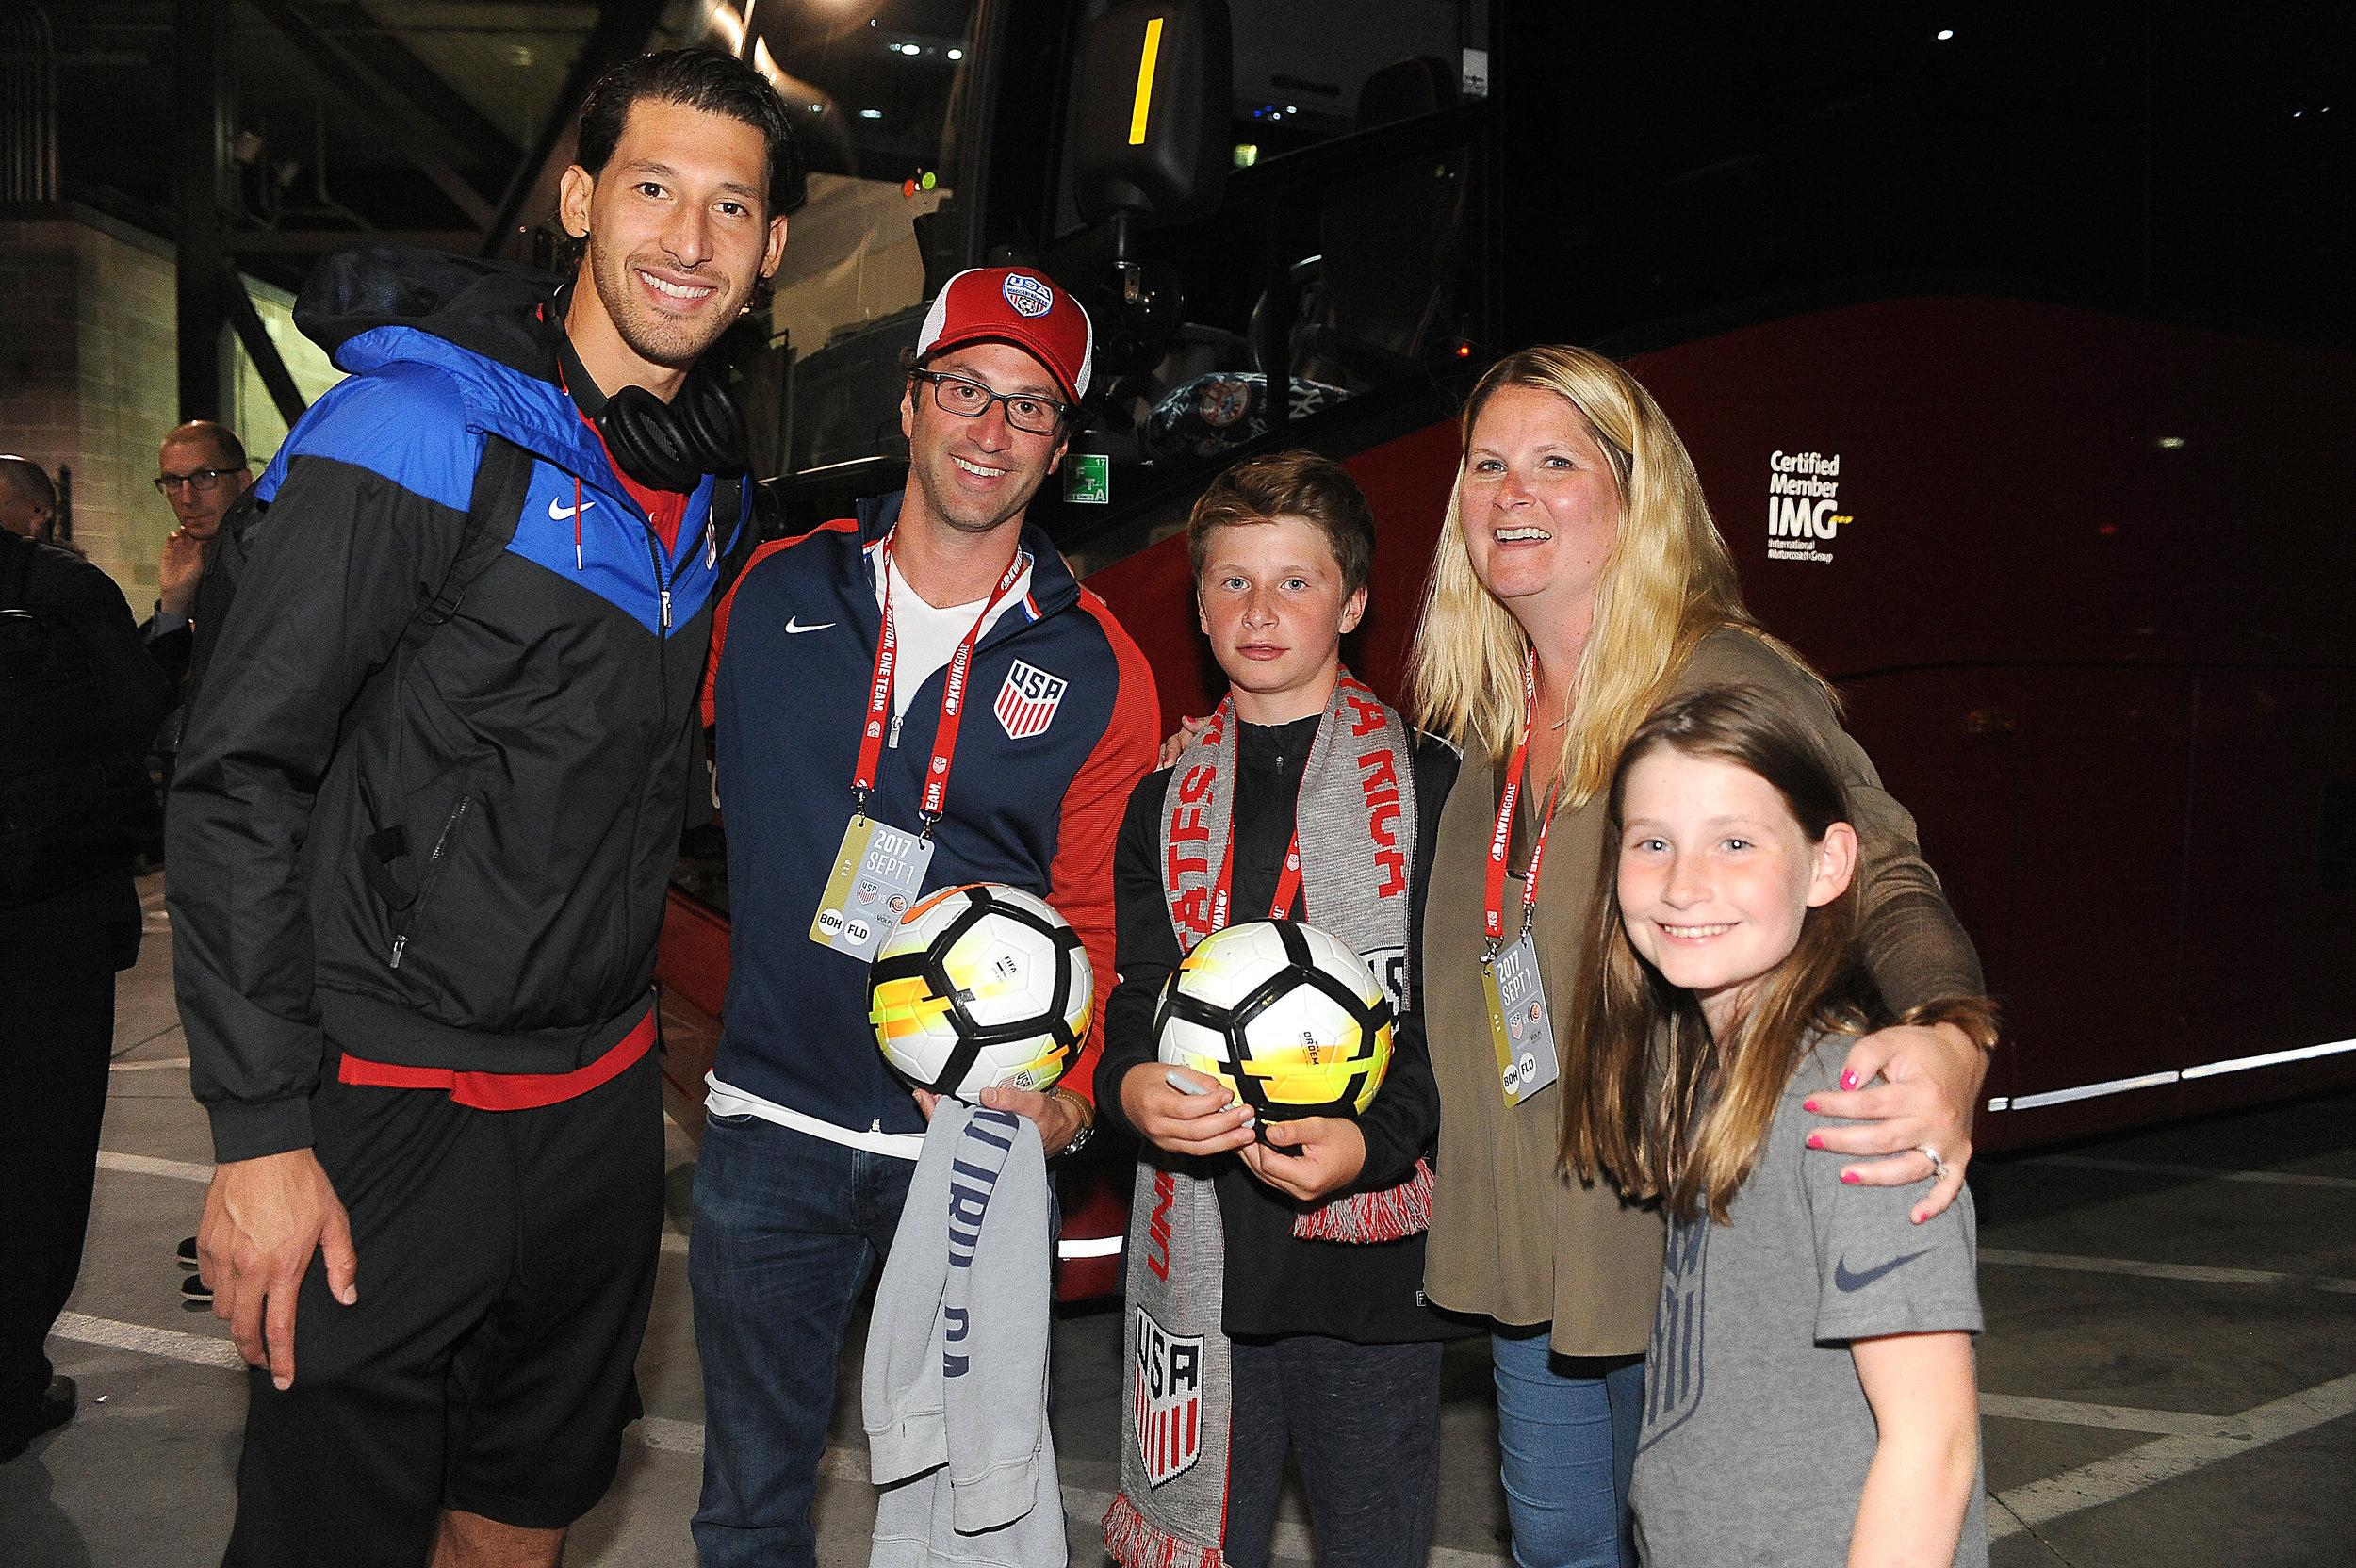 us_soccer_images_046_1.jpg